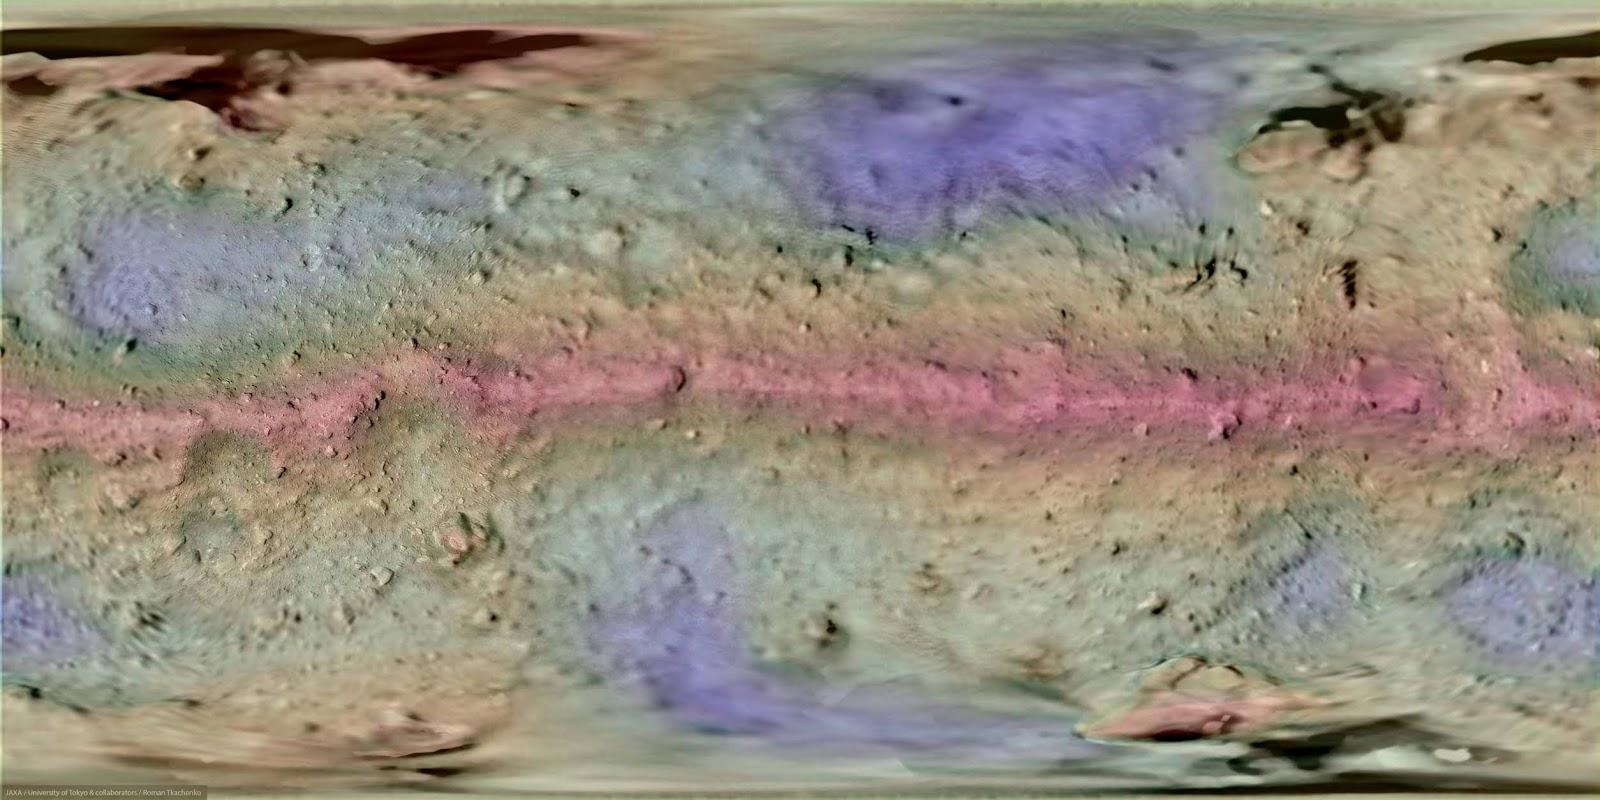 https://4.bp.blogspot.com/-WZNsbvn5iyU/W3QiQfYJmUI/AAAAAAAAD08/stqRp-8IWCg05ekYYSahCW0DVe0iaGhawCLcBGAs/s1600/ryugu_topography_and_equatorial_map-stooke.jpg